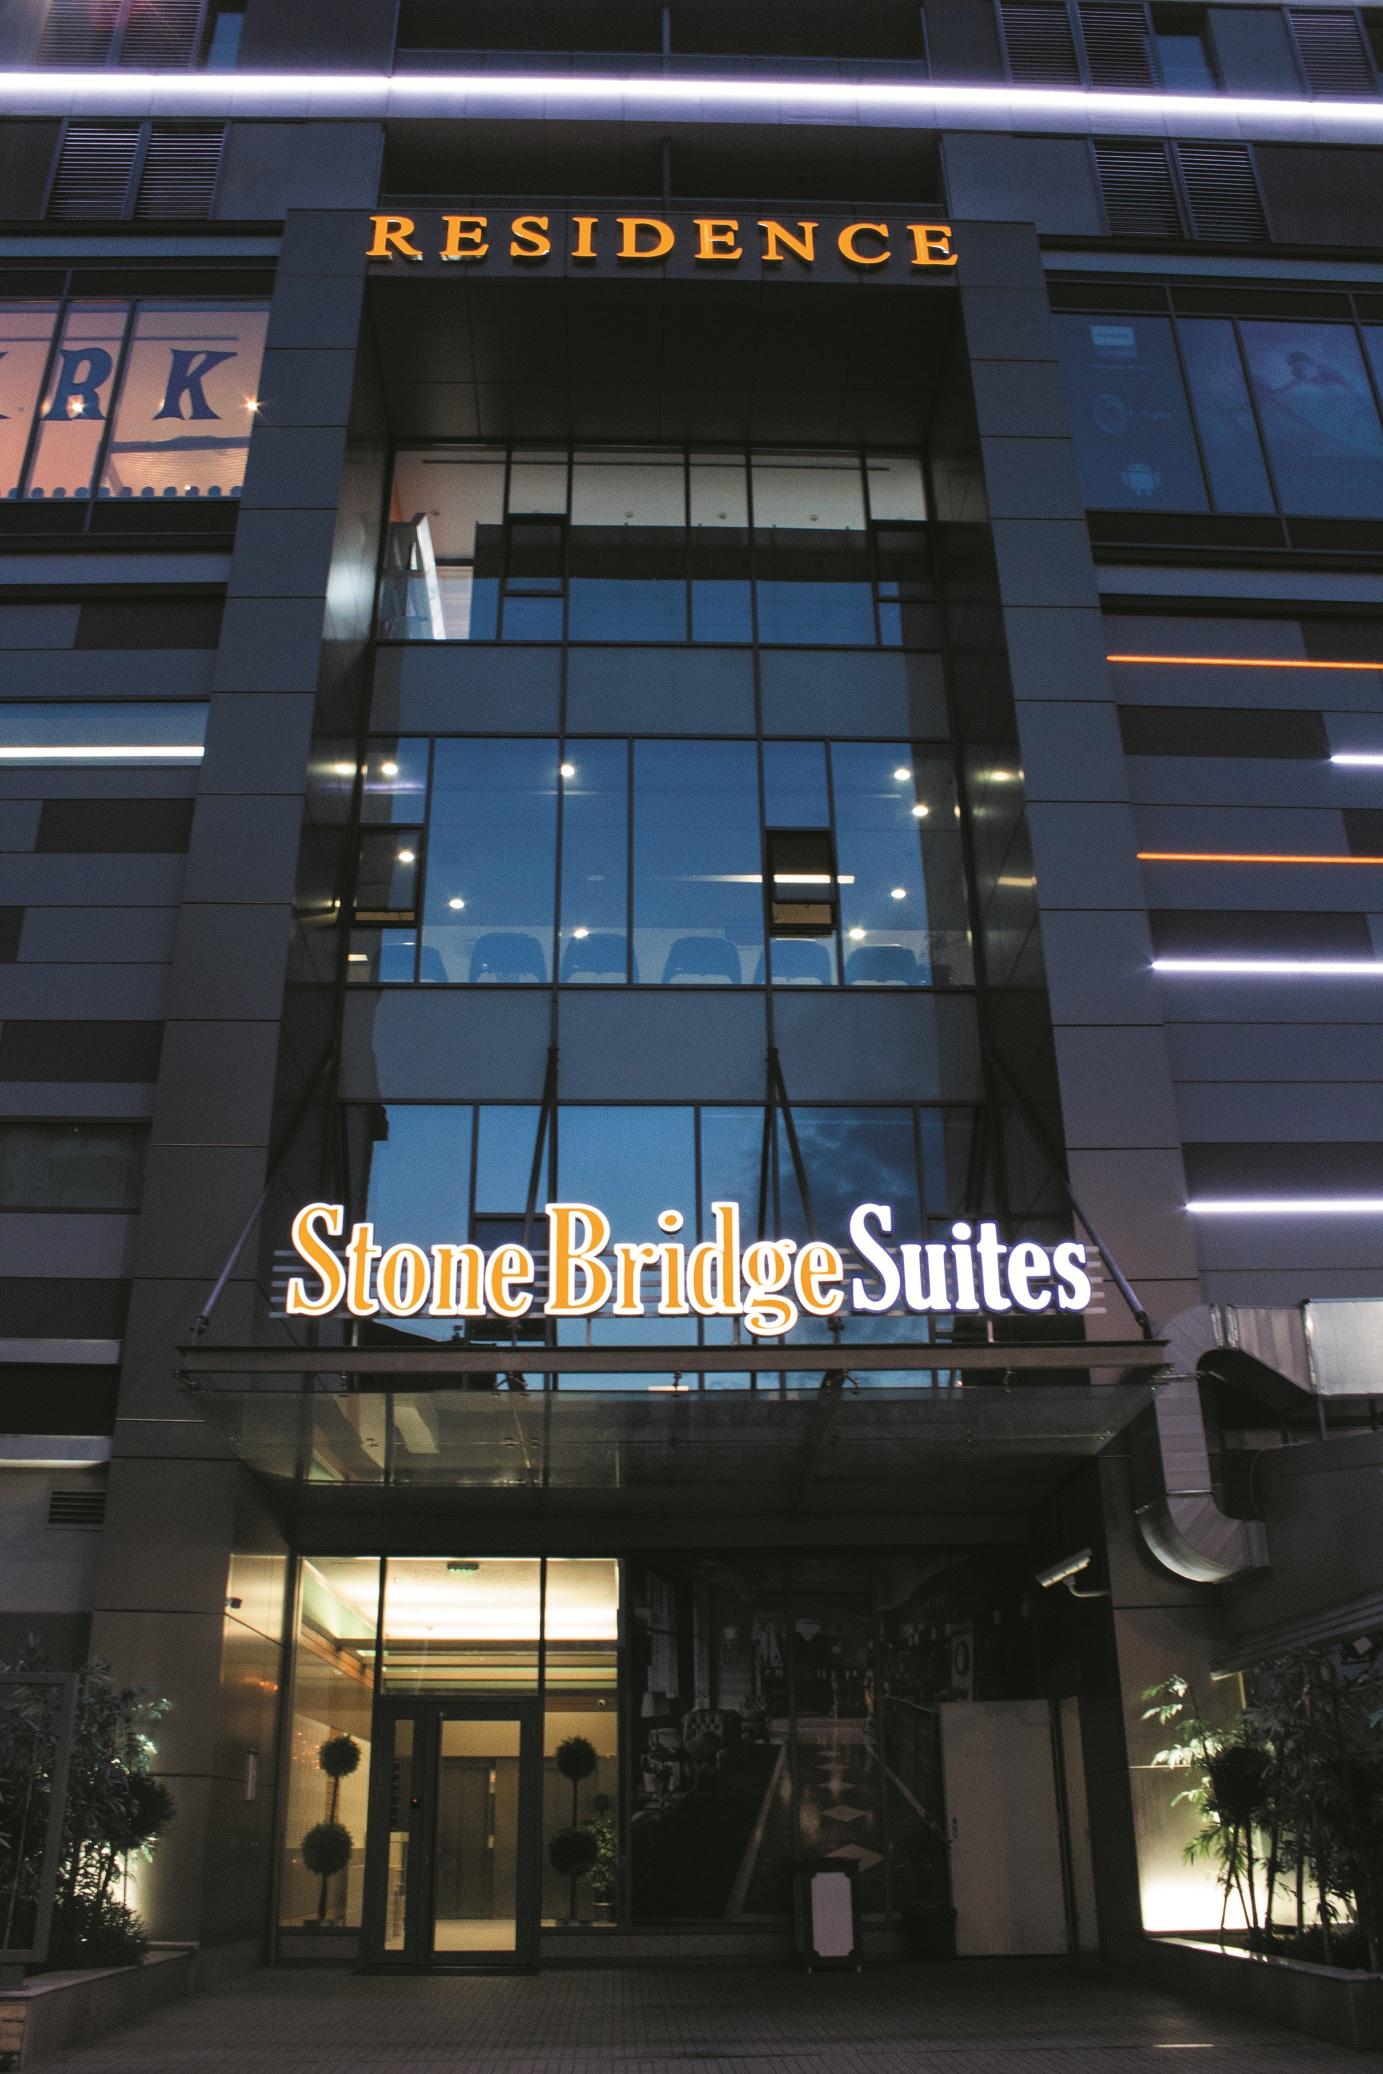 Stone Bridge Suites апартмани – хотелски третман во домашен амбиент